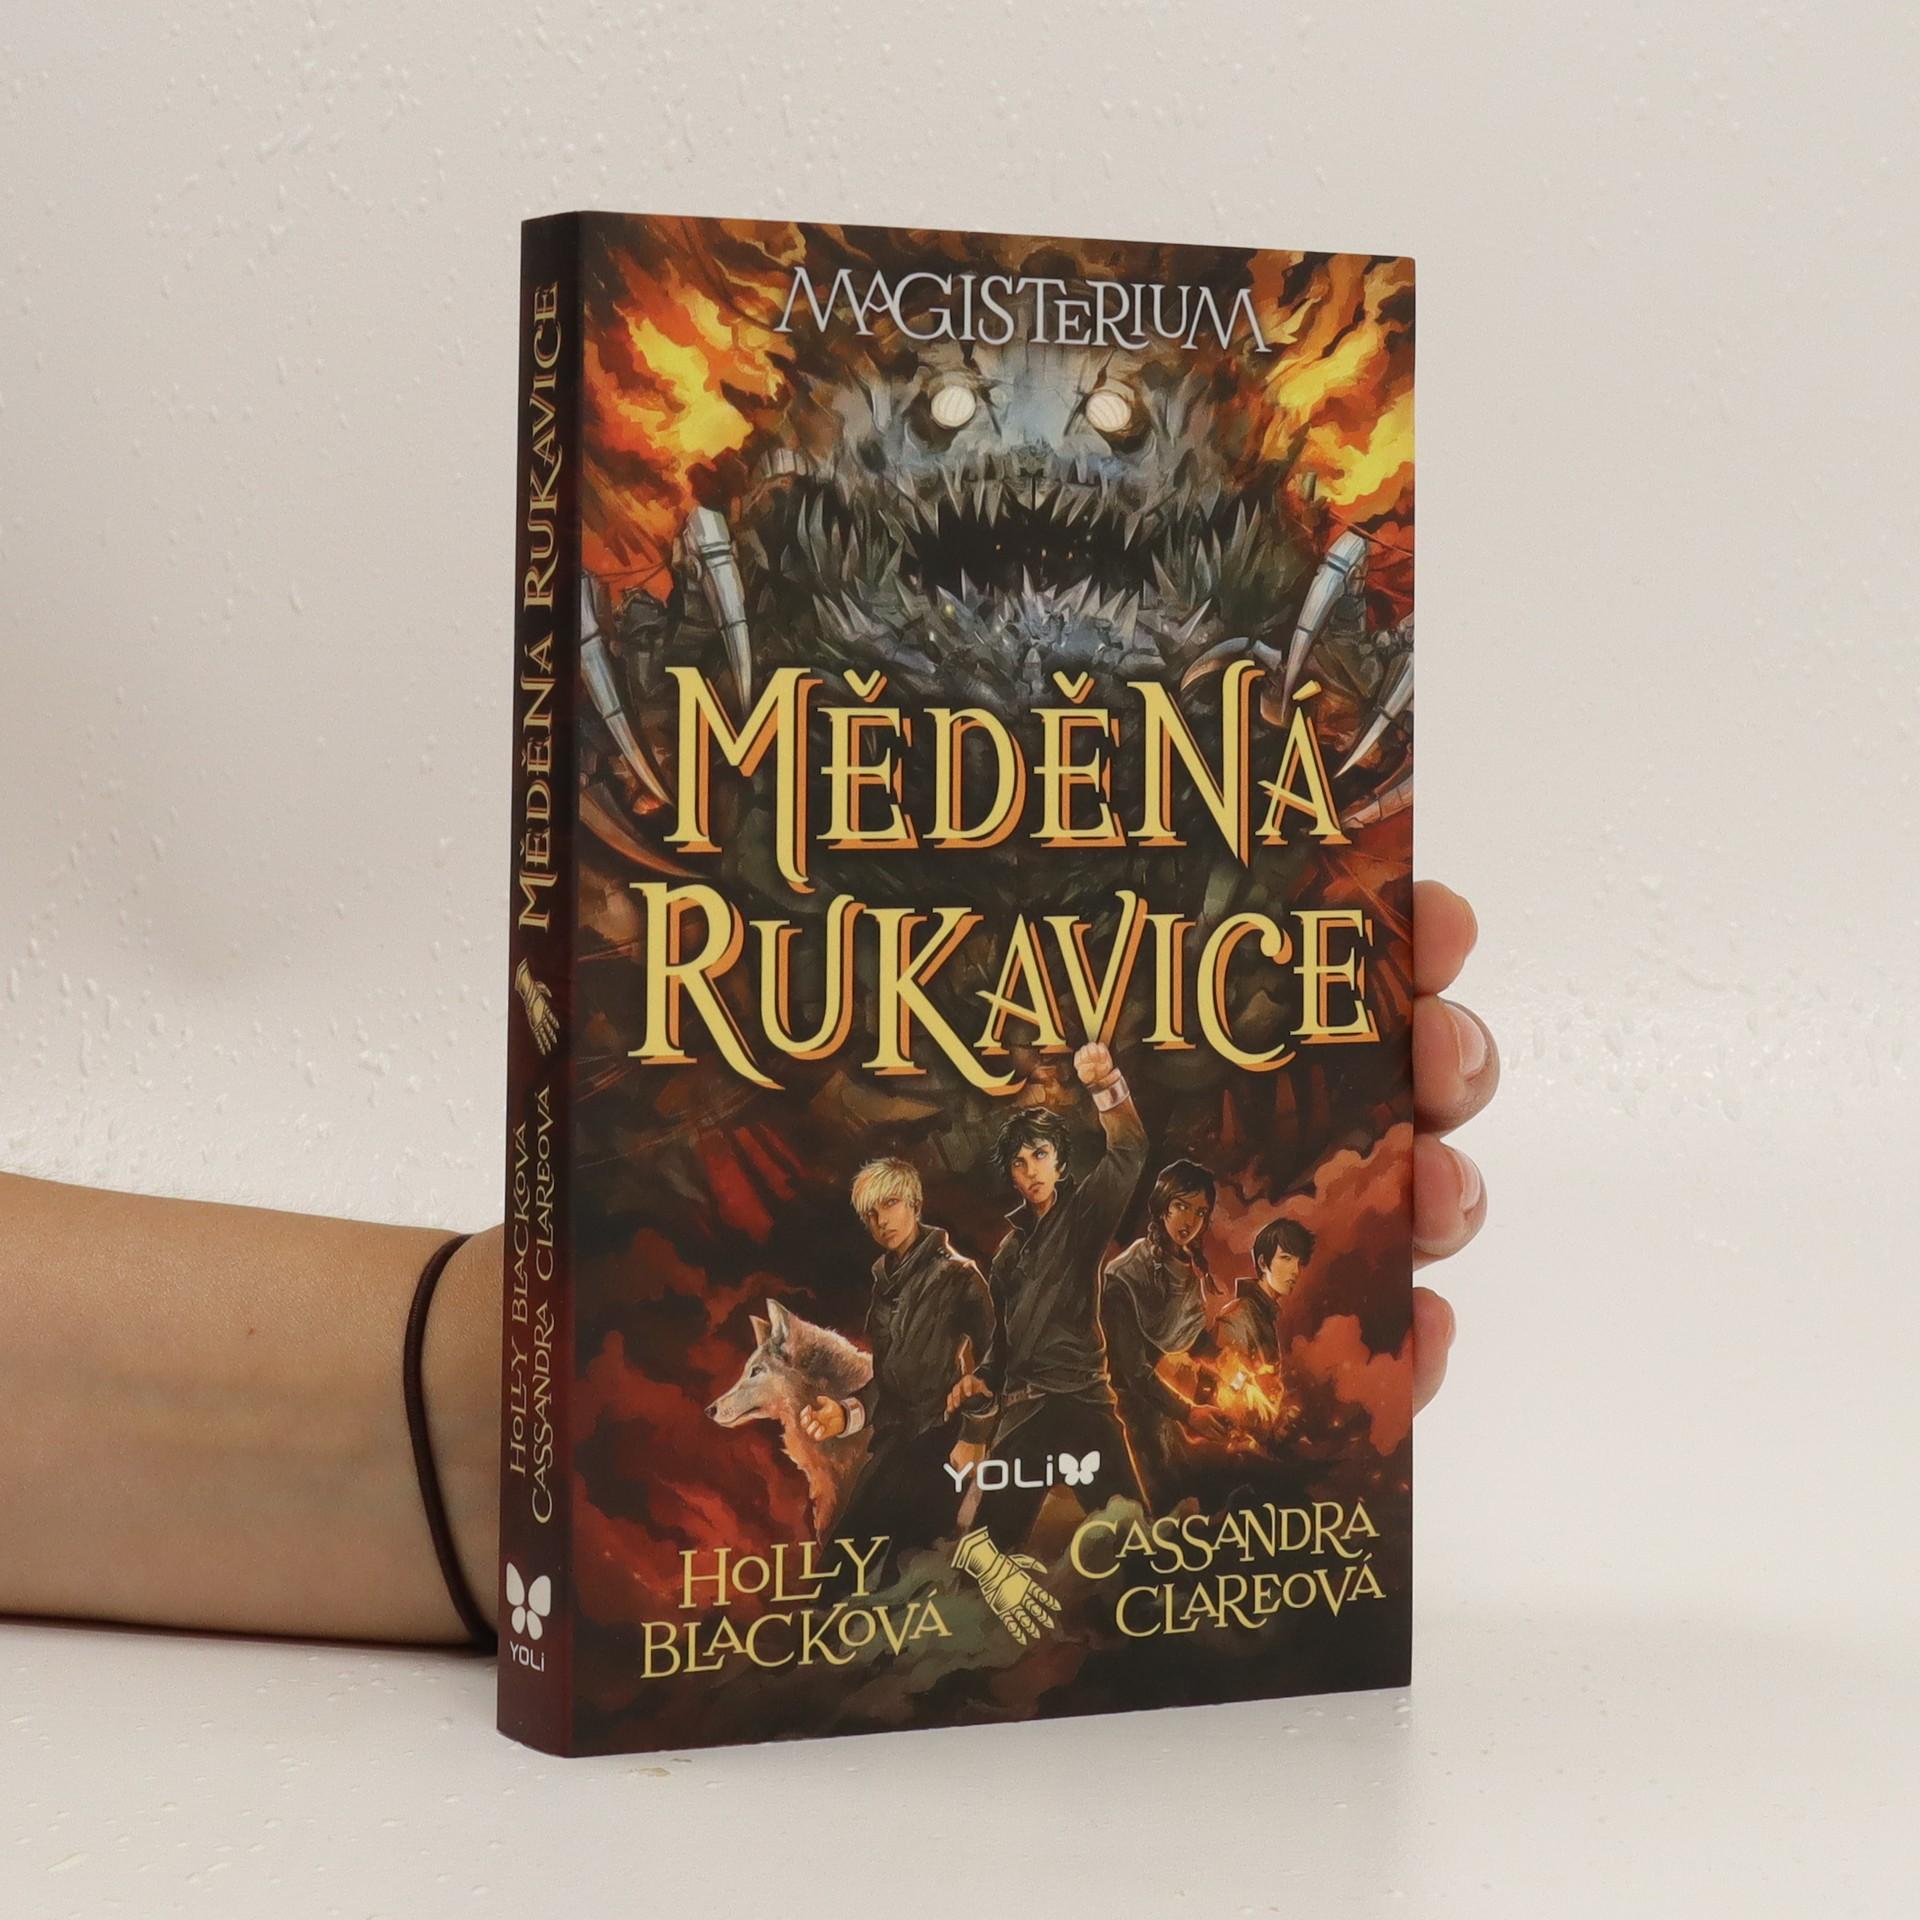 antikvární kniha Magisterium. Měděná rukavice., 2015